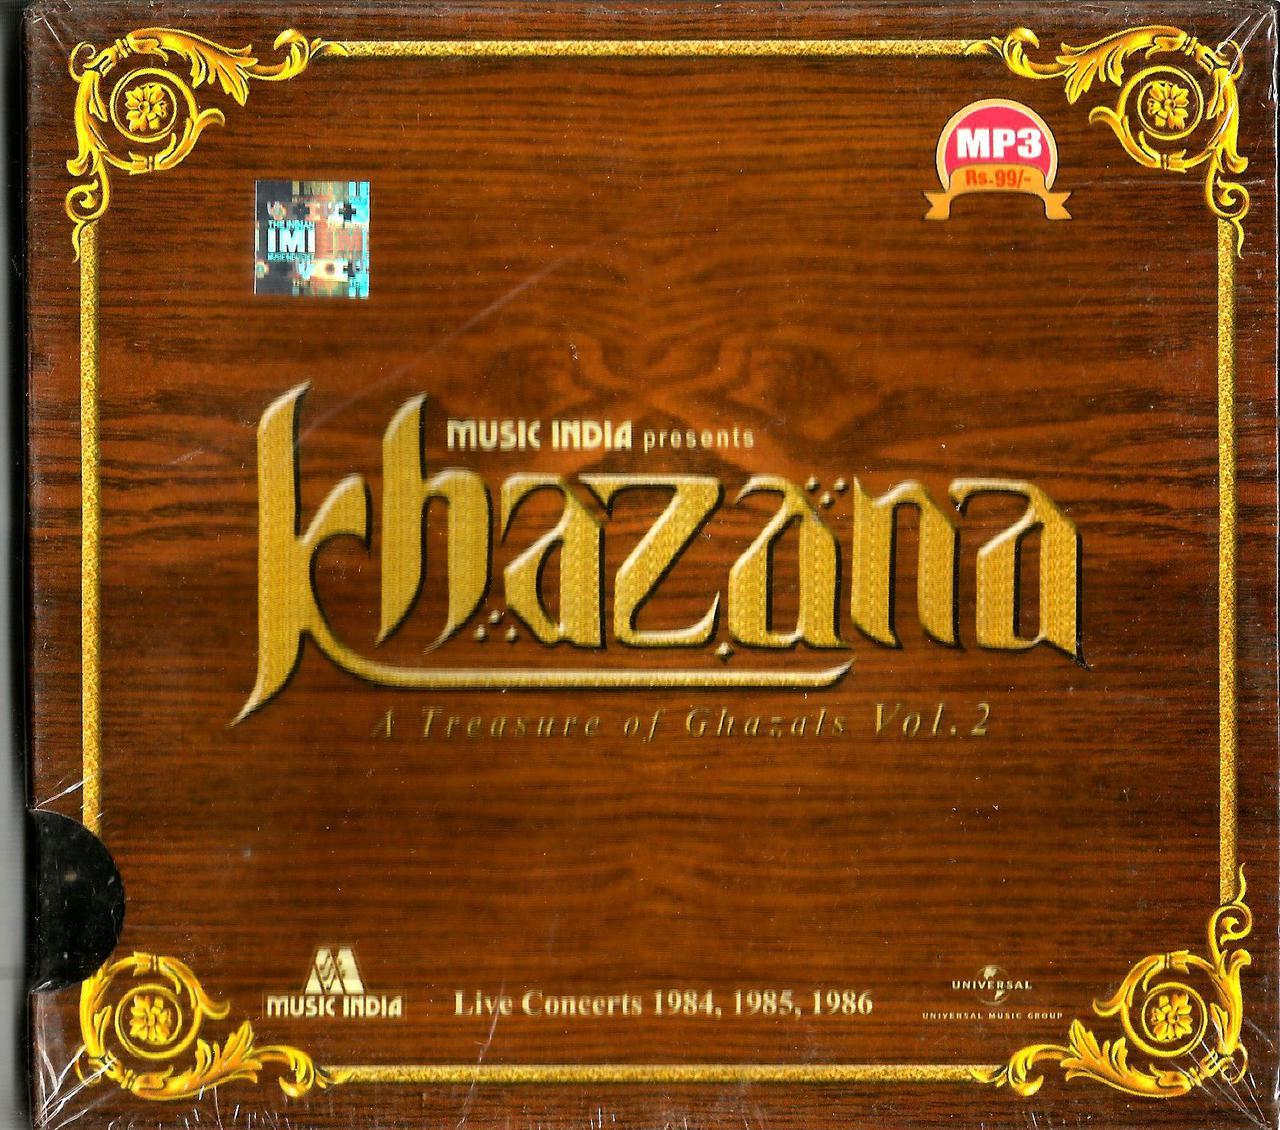 Khazana A Treasure Of Ghazals Vol 2-Live Concerts 1984,1985,1986 / MP3